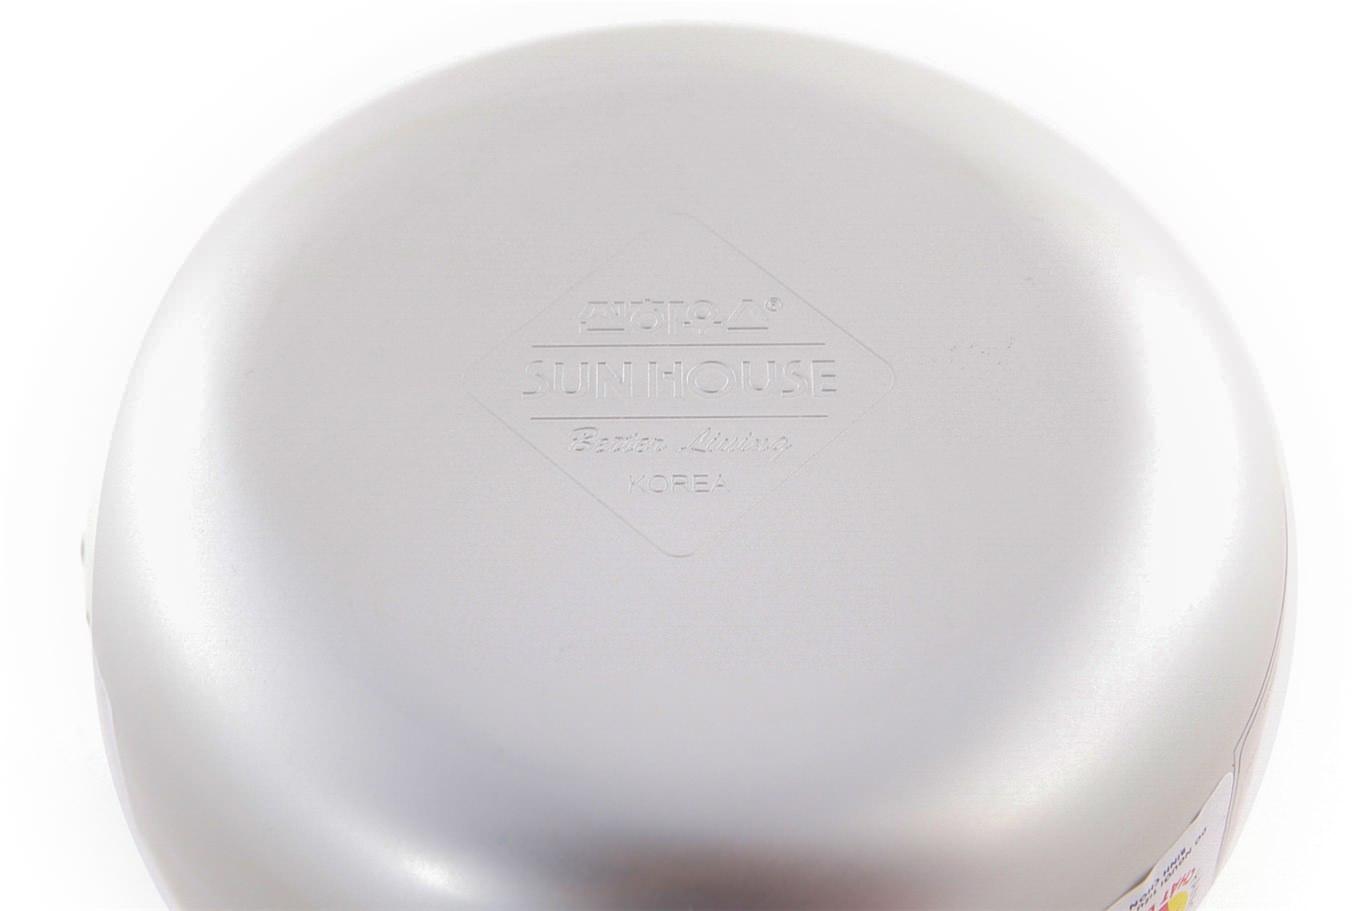 Nồi quấy bột Anod SUNHOUSE SH99-14M1 006